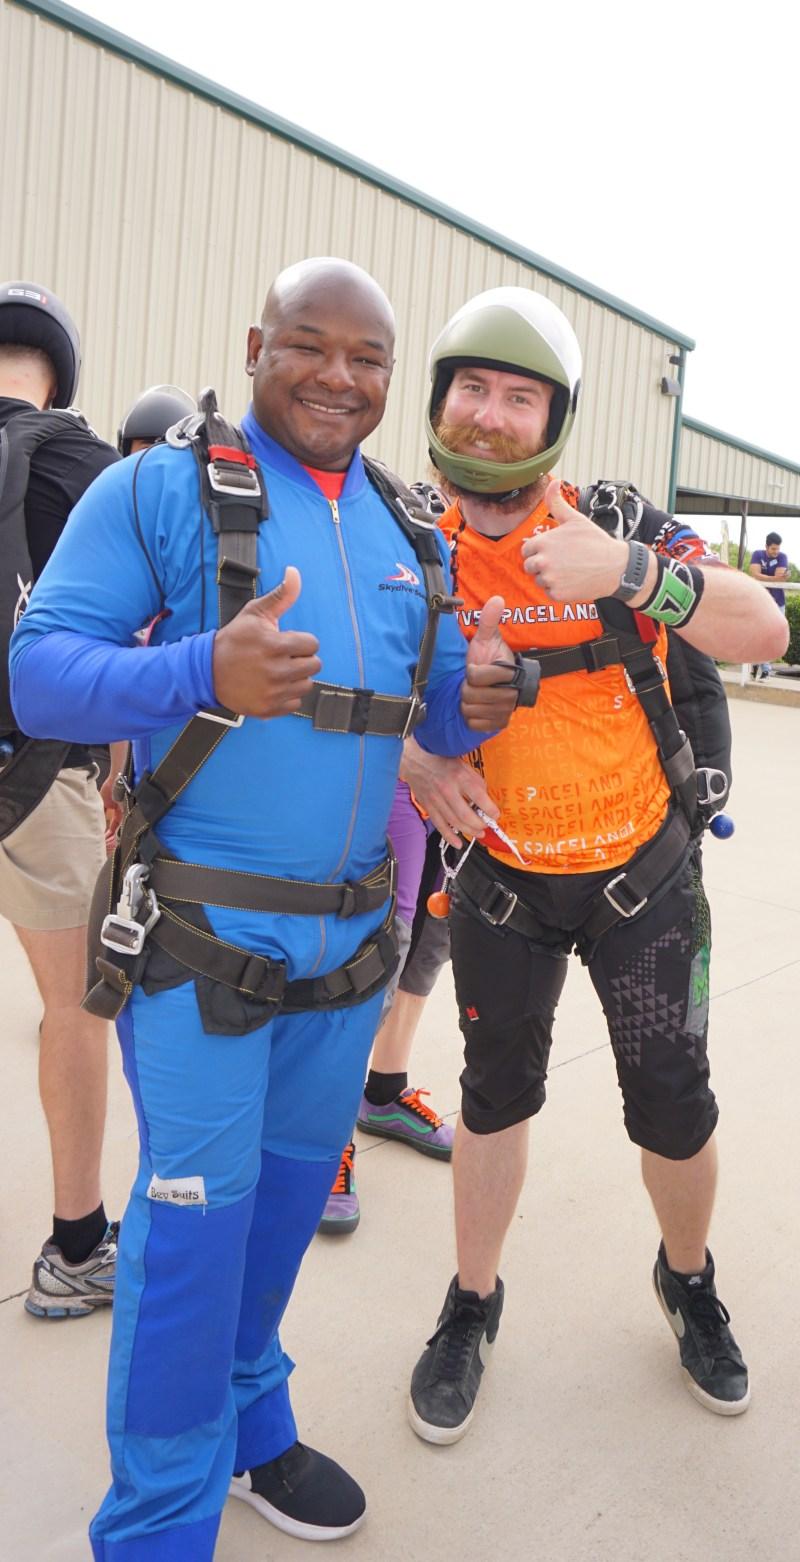 Skydive Spaceland Dallas